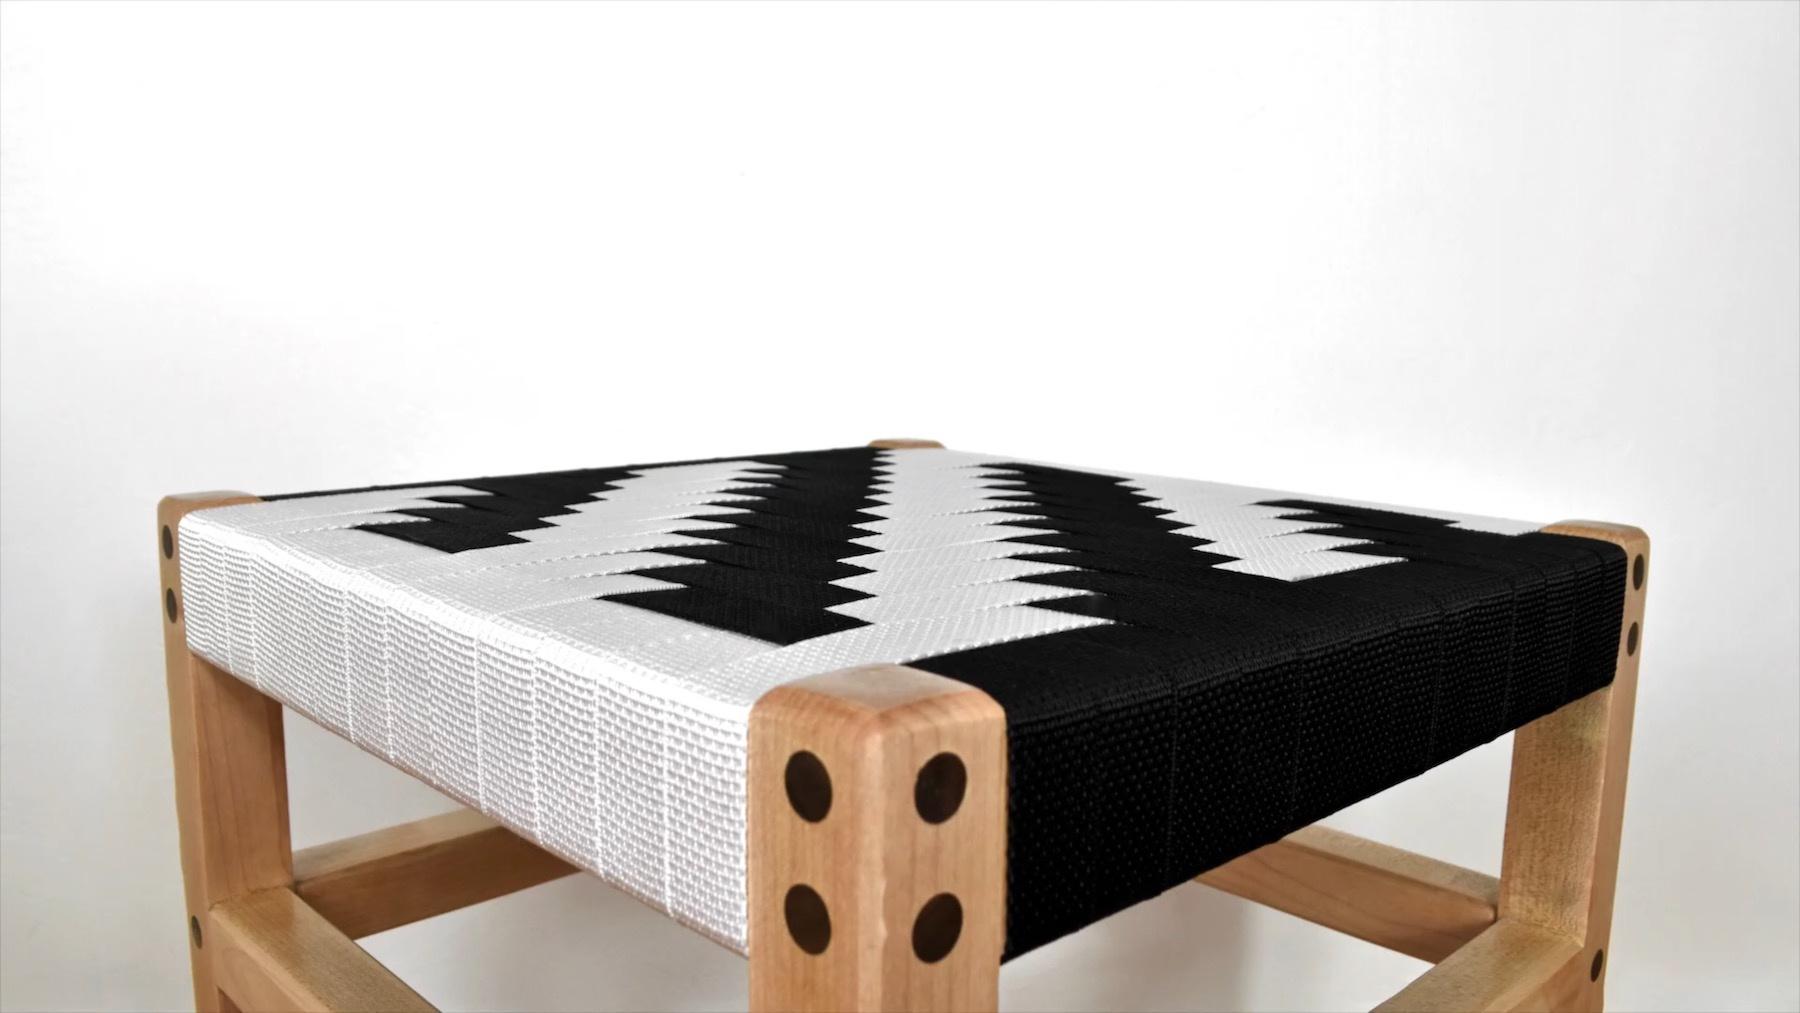 硬木方凳DIY制作教程:黑白尼龙织带编织凳面的实木凳子